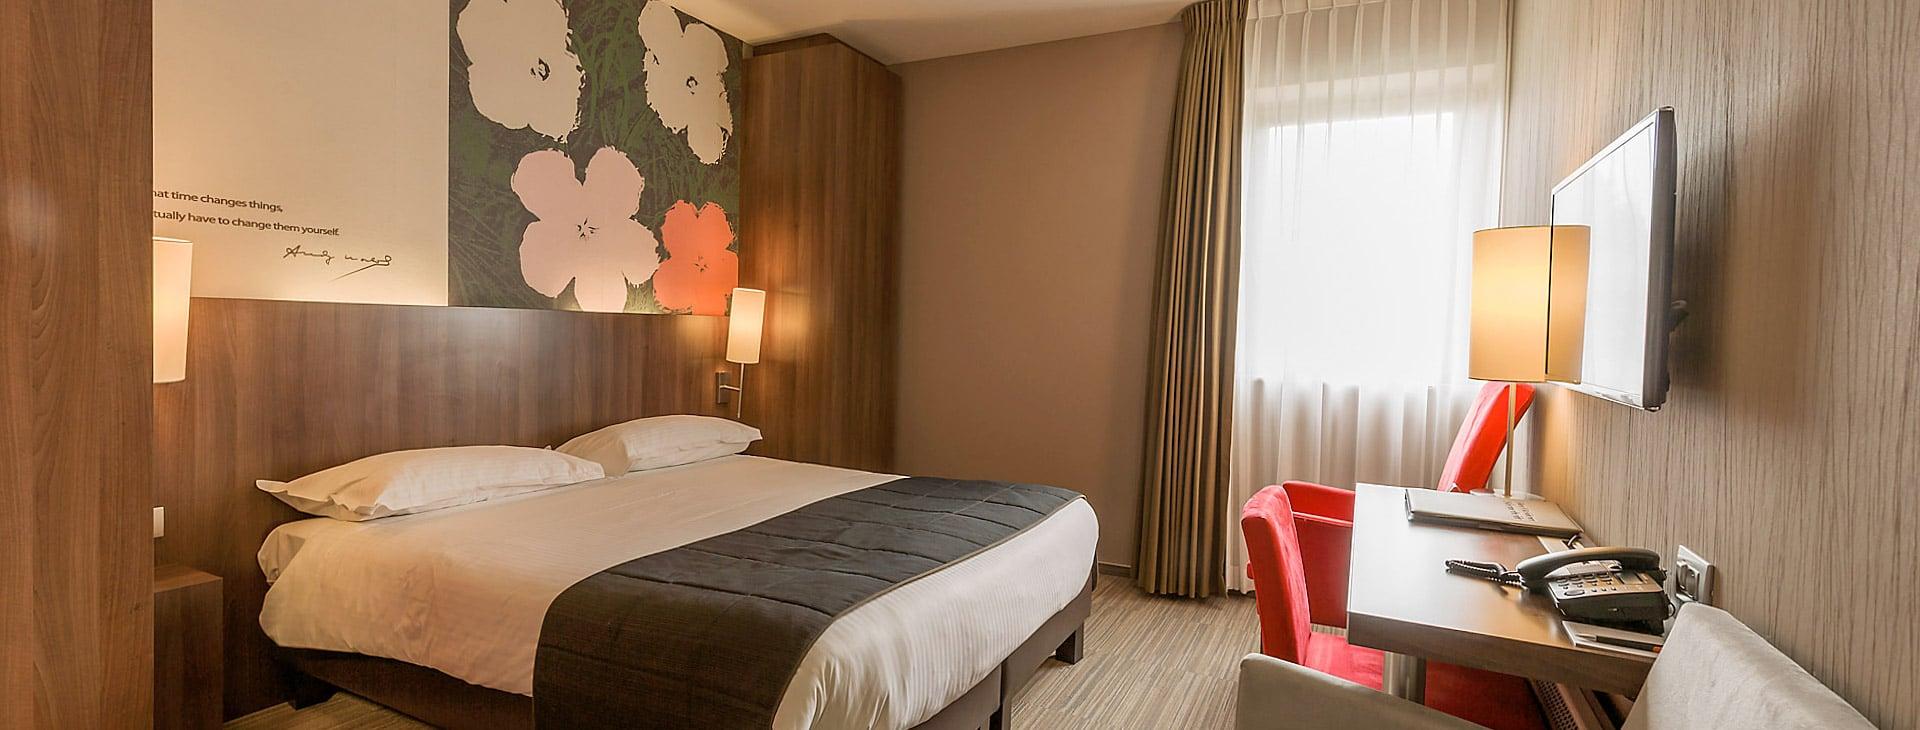 hotel_stiemerheide_DSC8134